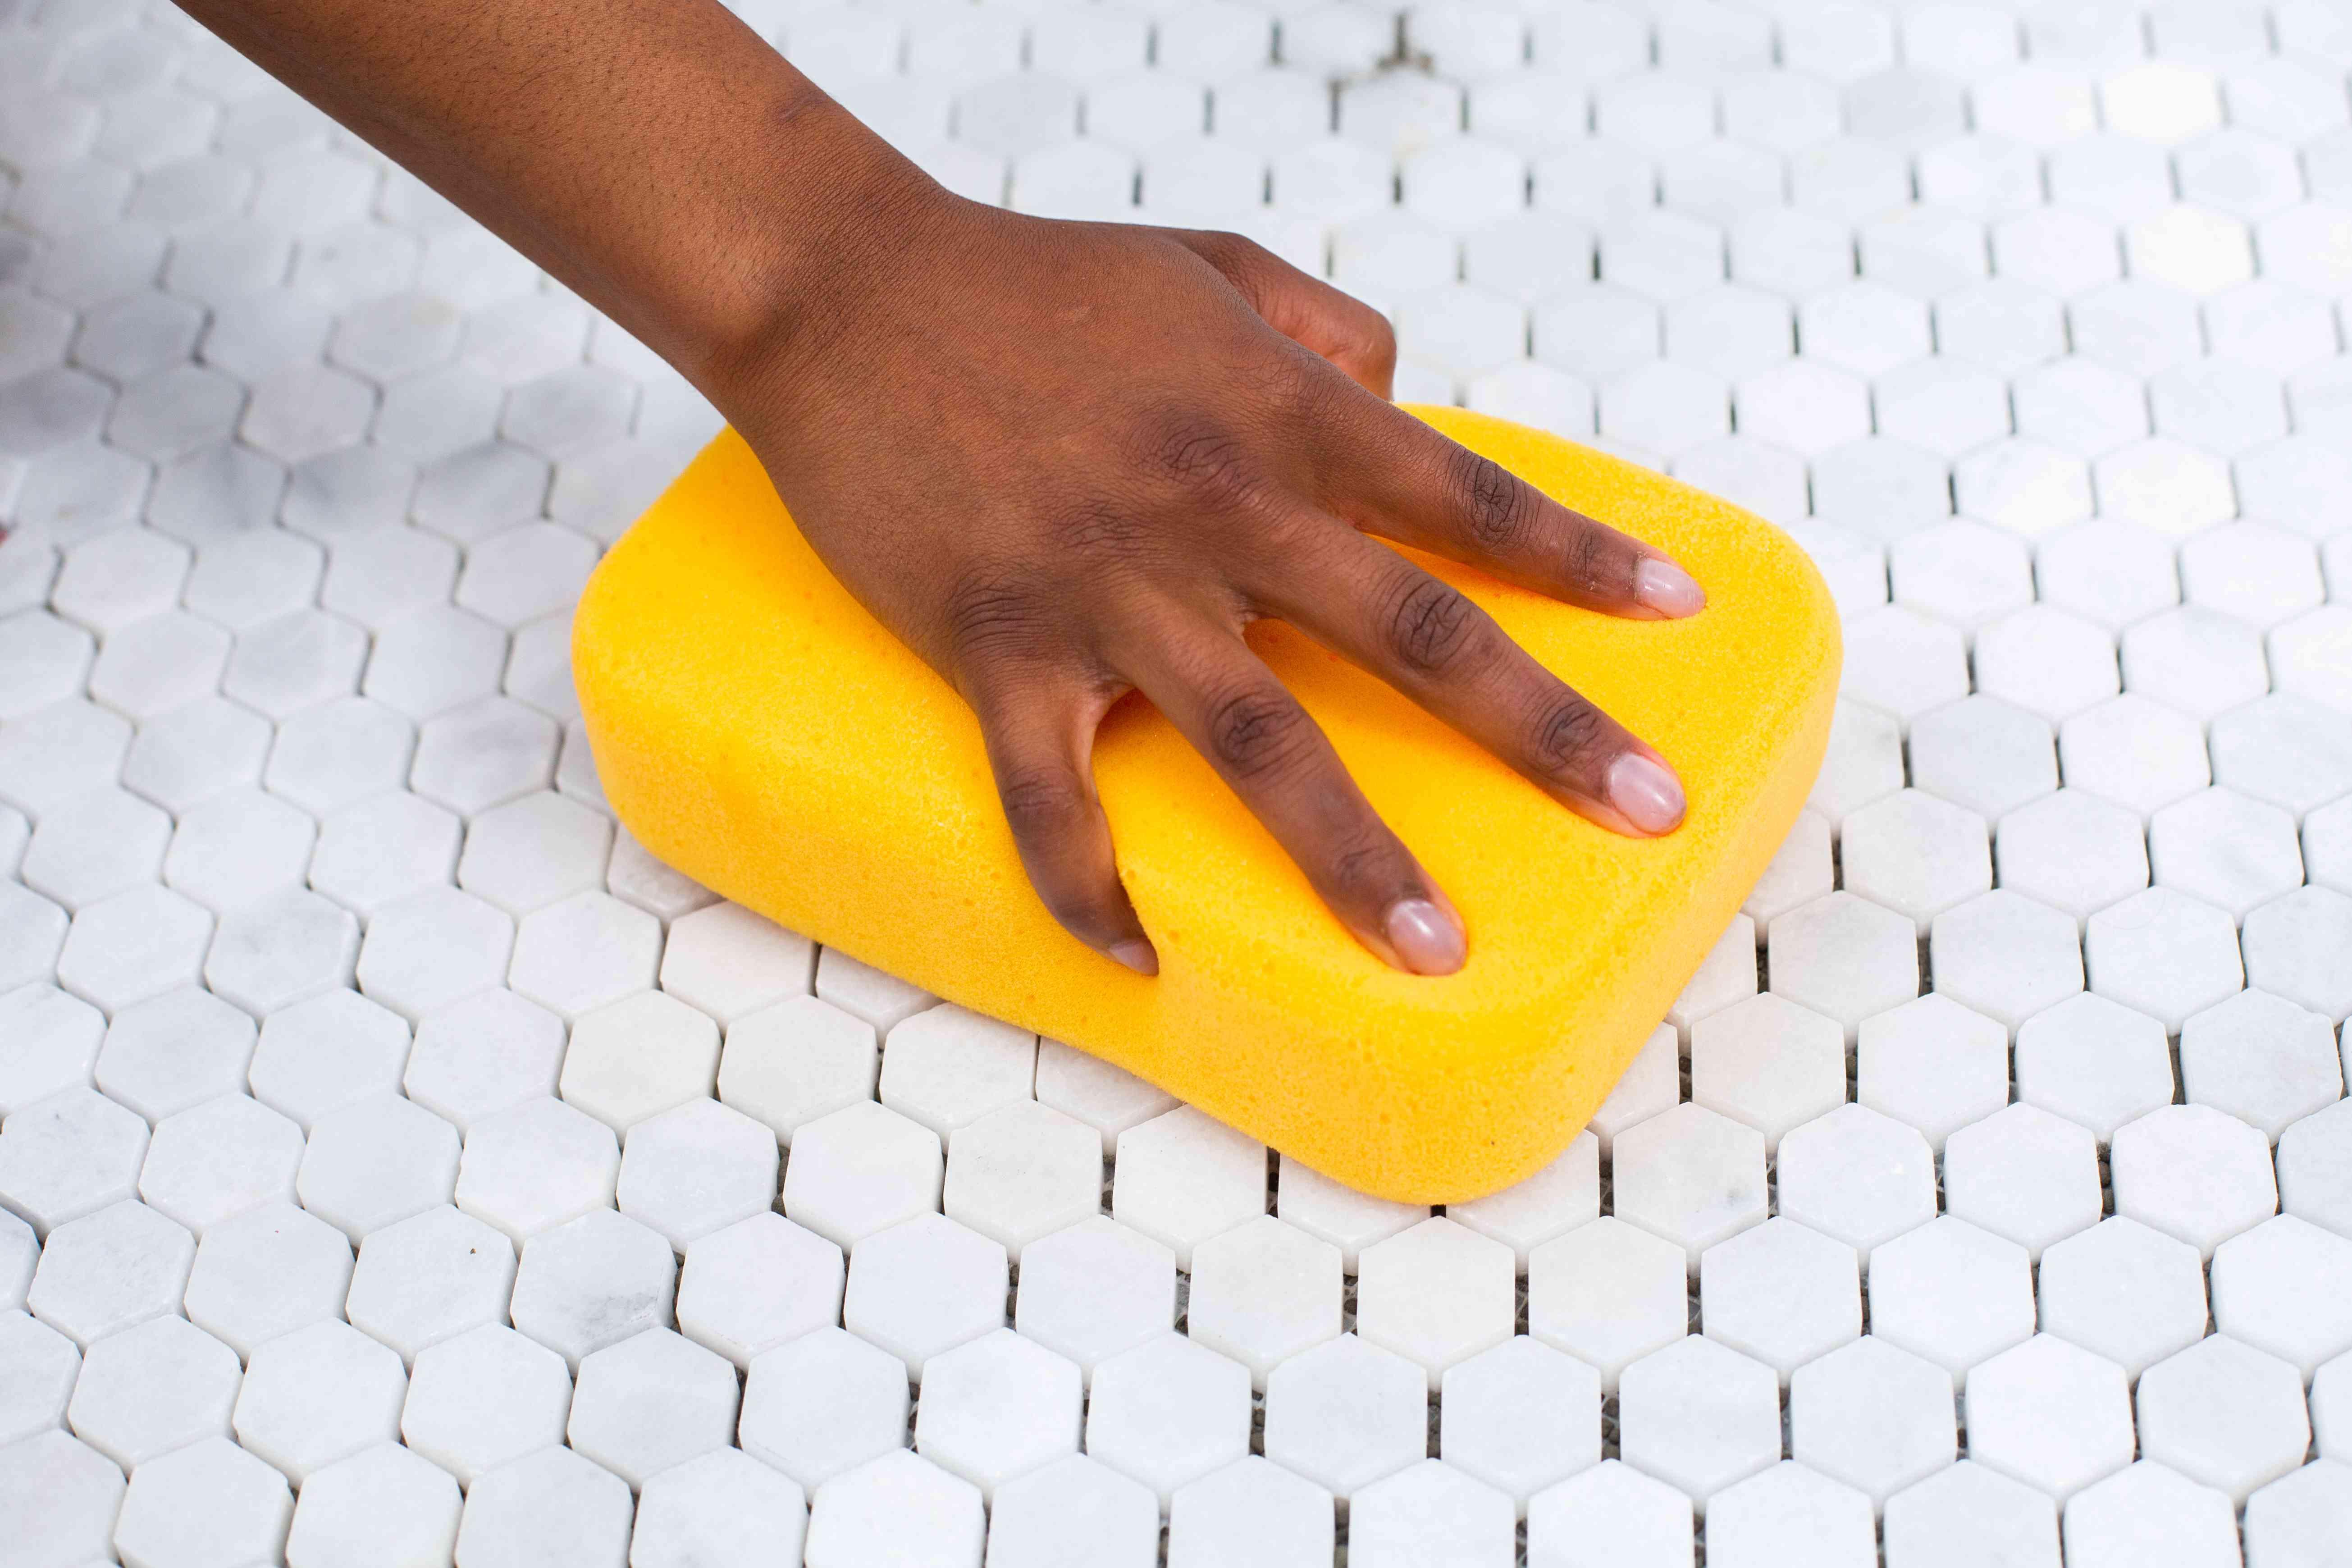 Grout sponge passing over white geometric tiles